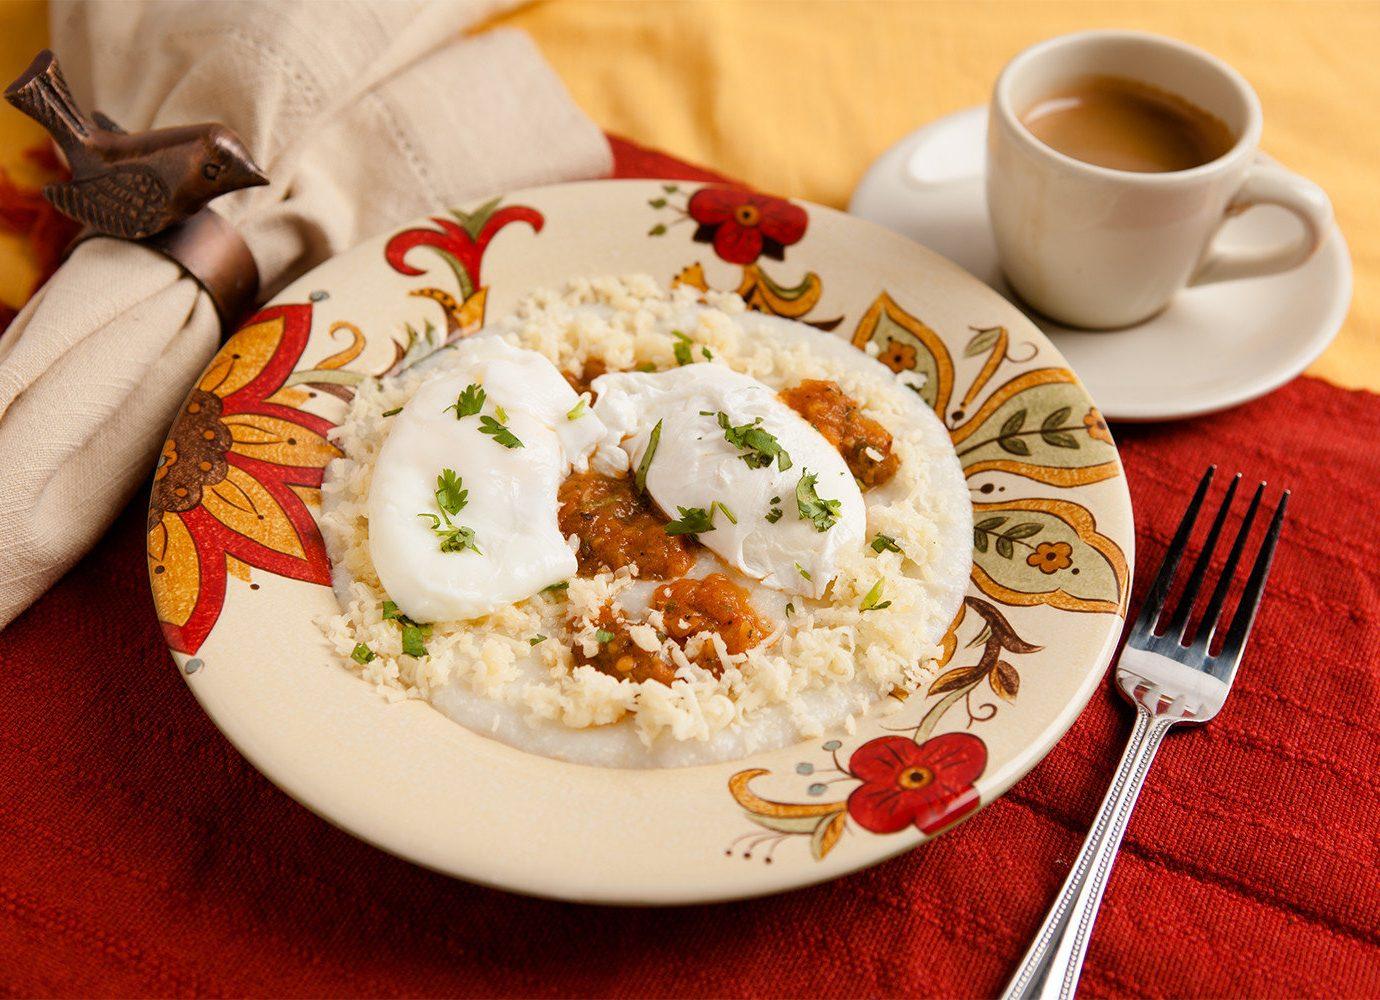 Boutique Hotels Food + Drink Girls Getaways Weekend Getaways plate table food cup coffee dish cuisine meal breakfast recipe tableware vegetarian food